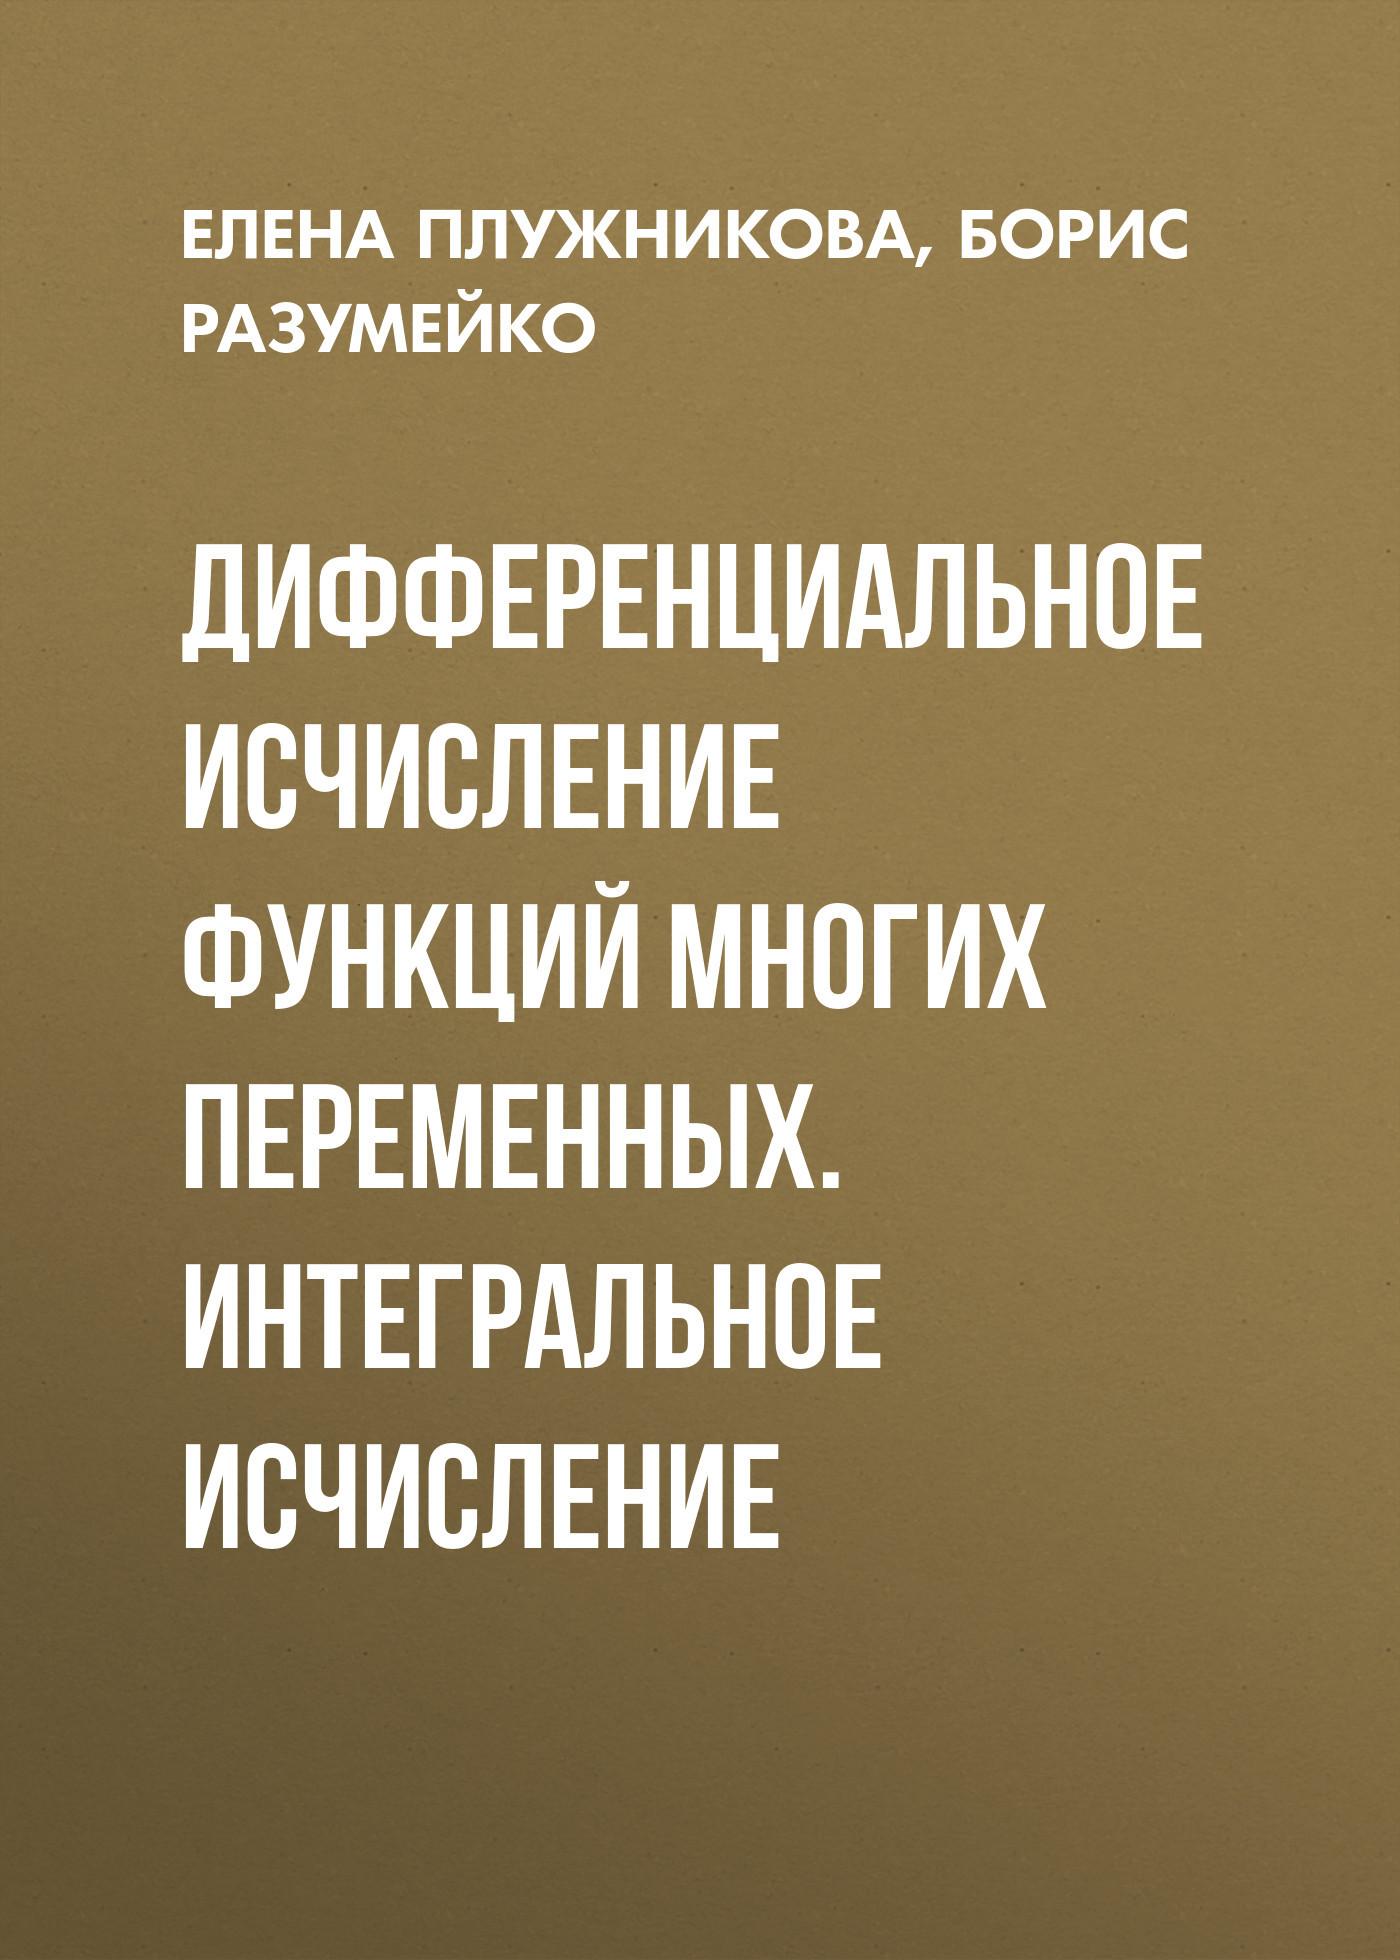 Е. Л. Плужникова Дифференциальное исчисление функций многих переменных. Интегральное исчисление елена плужникова дифференциальное исчисление функций многих переменных